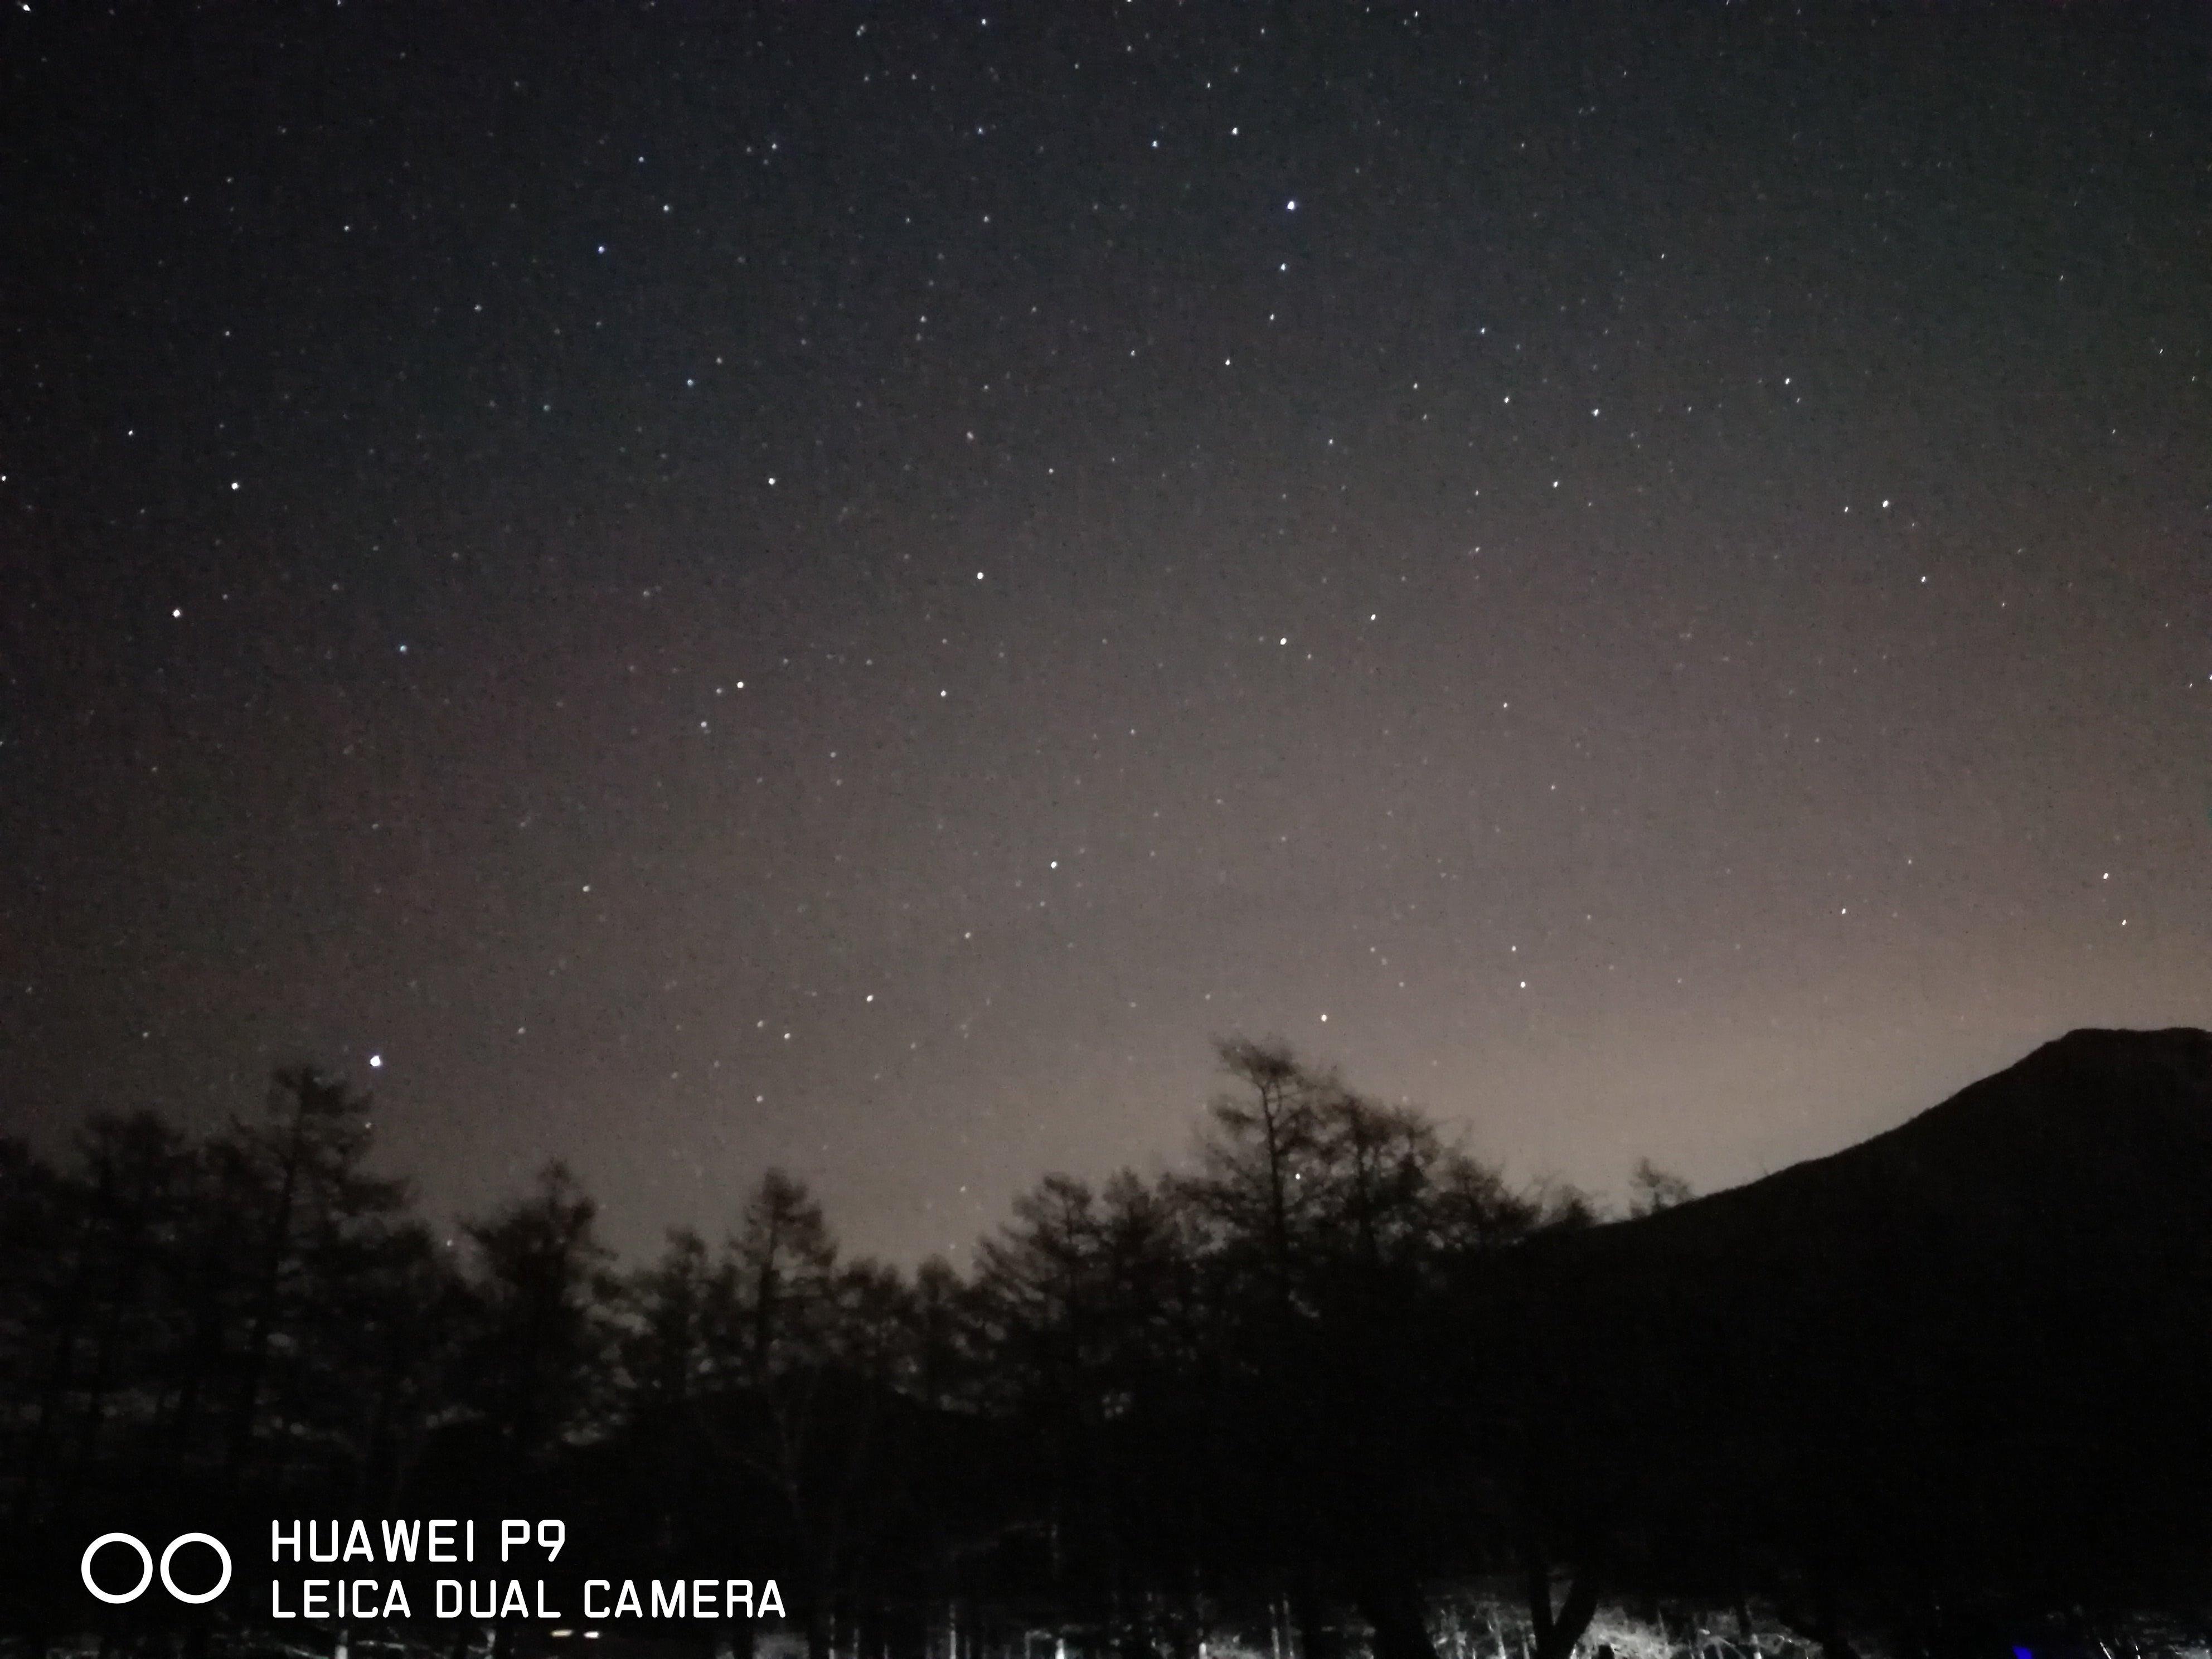 スマホでの星景写真撮影 HUAWEI P9